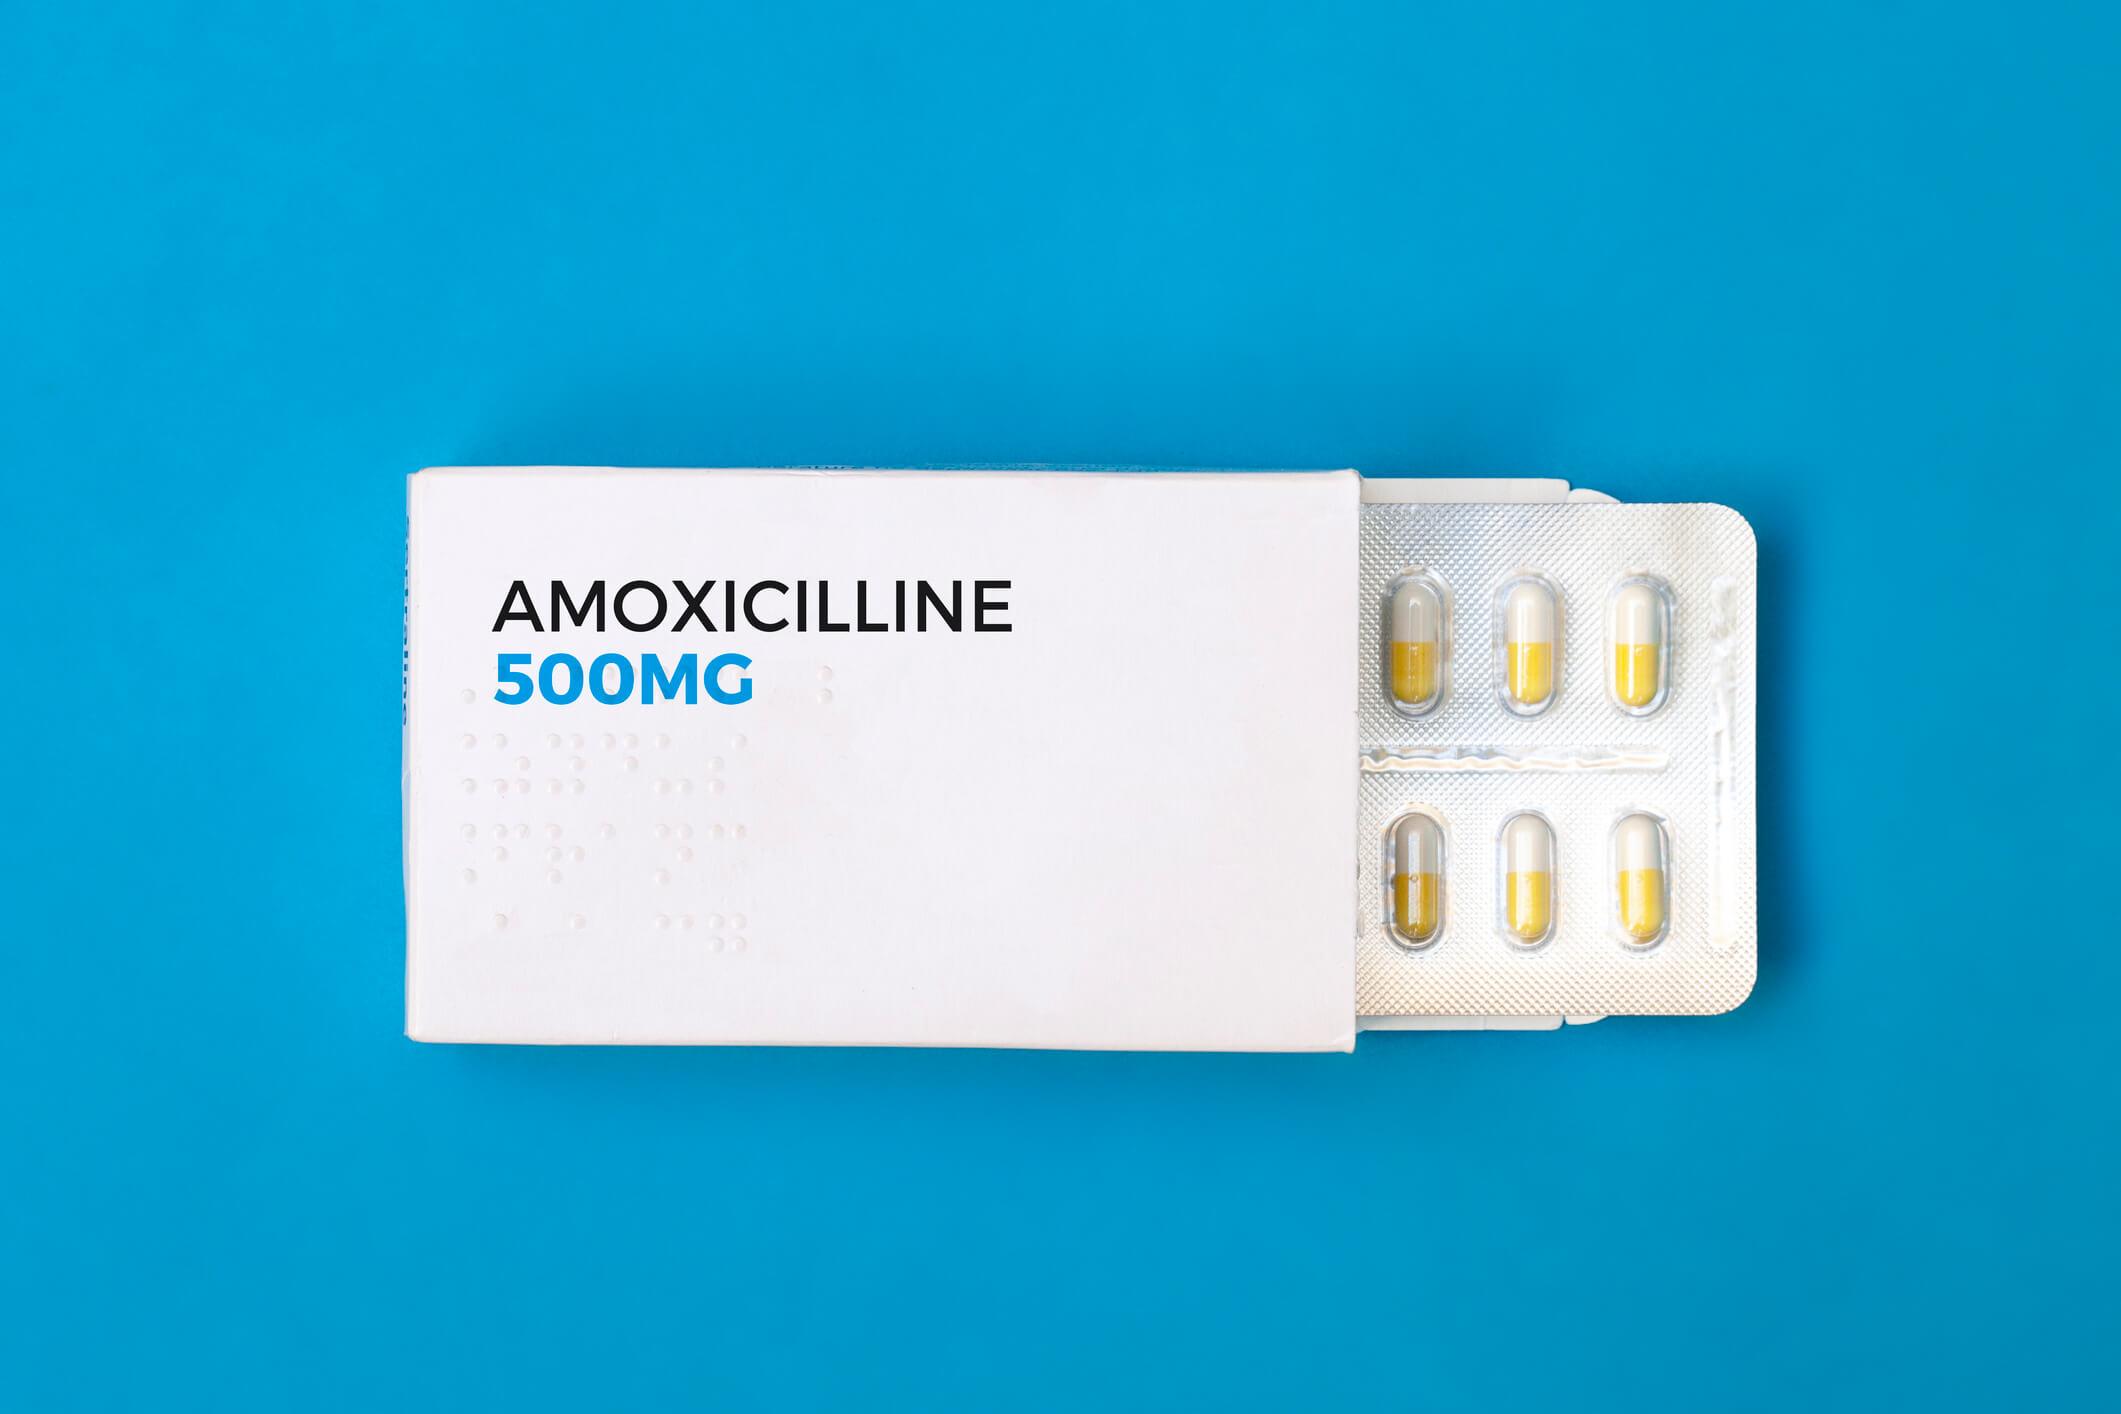 allergie amoxicilline